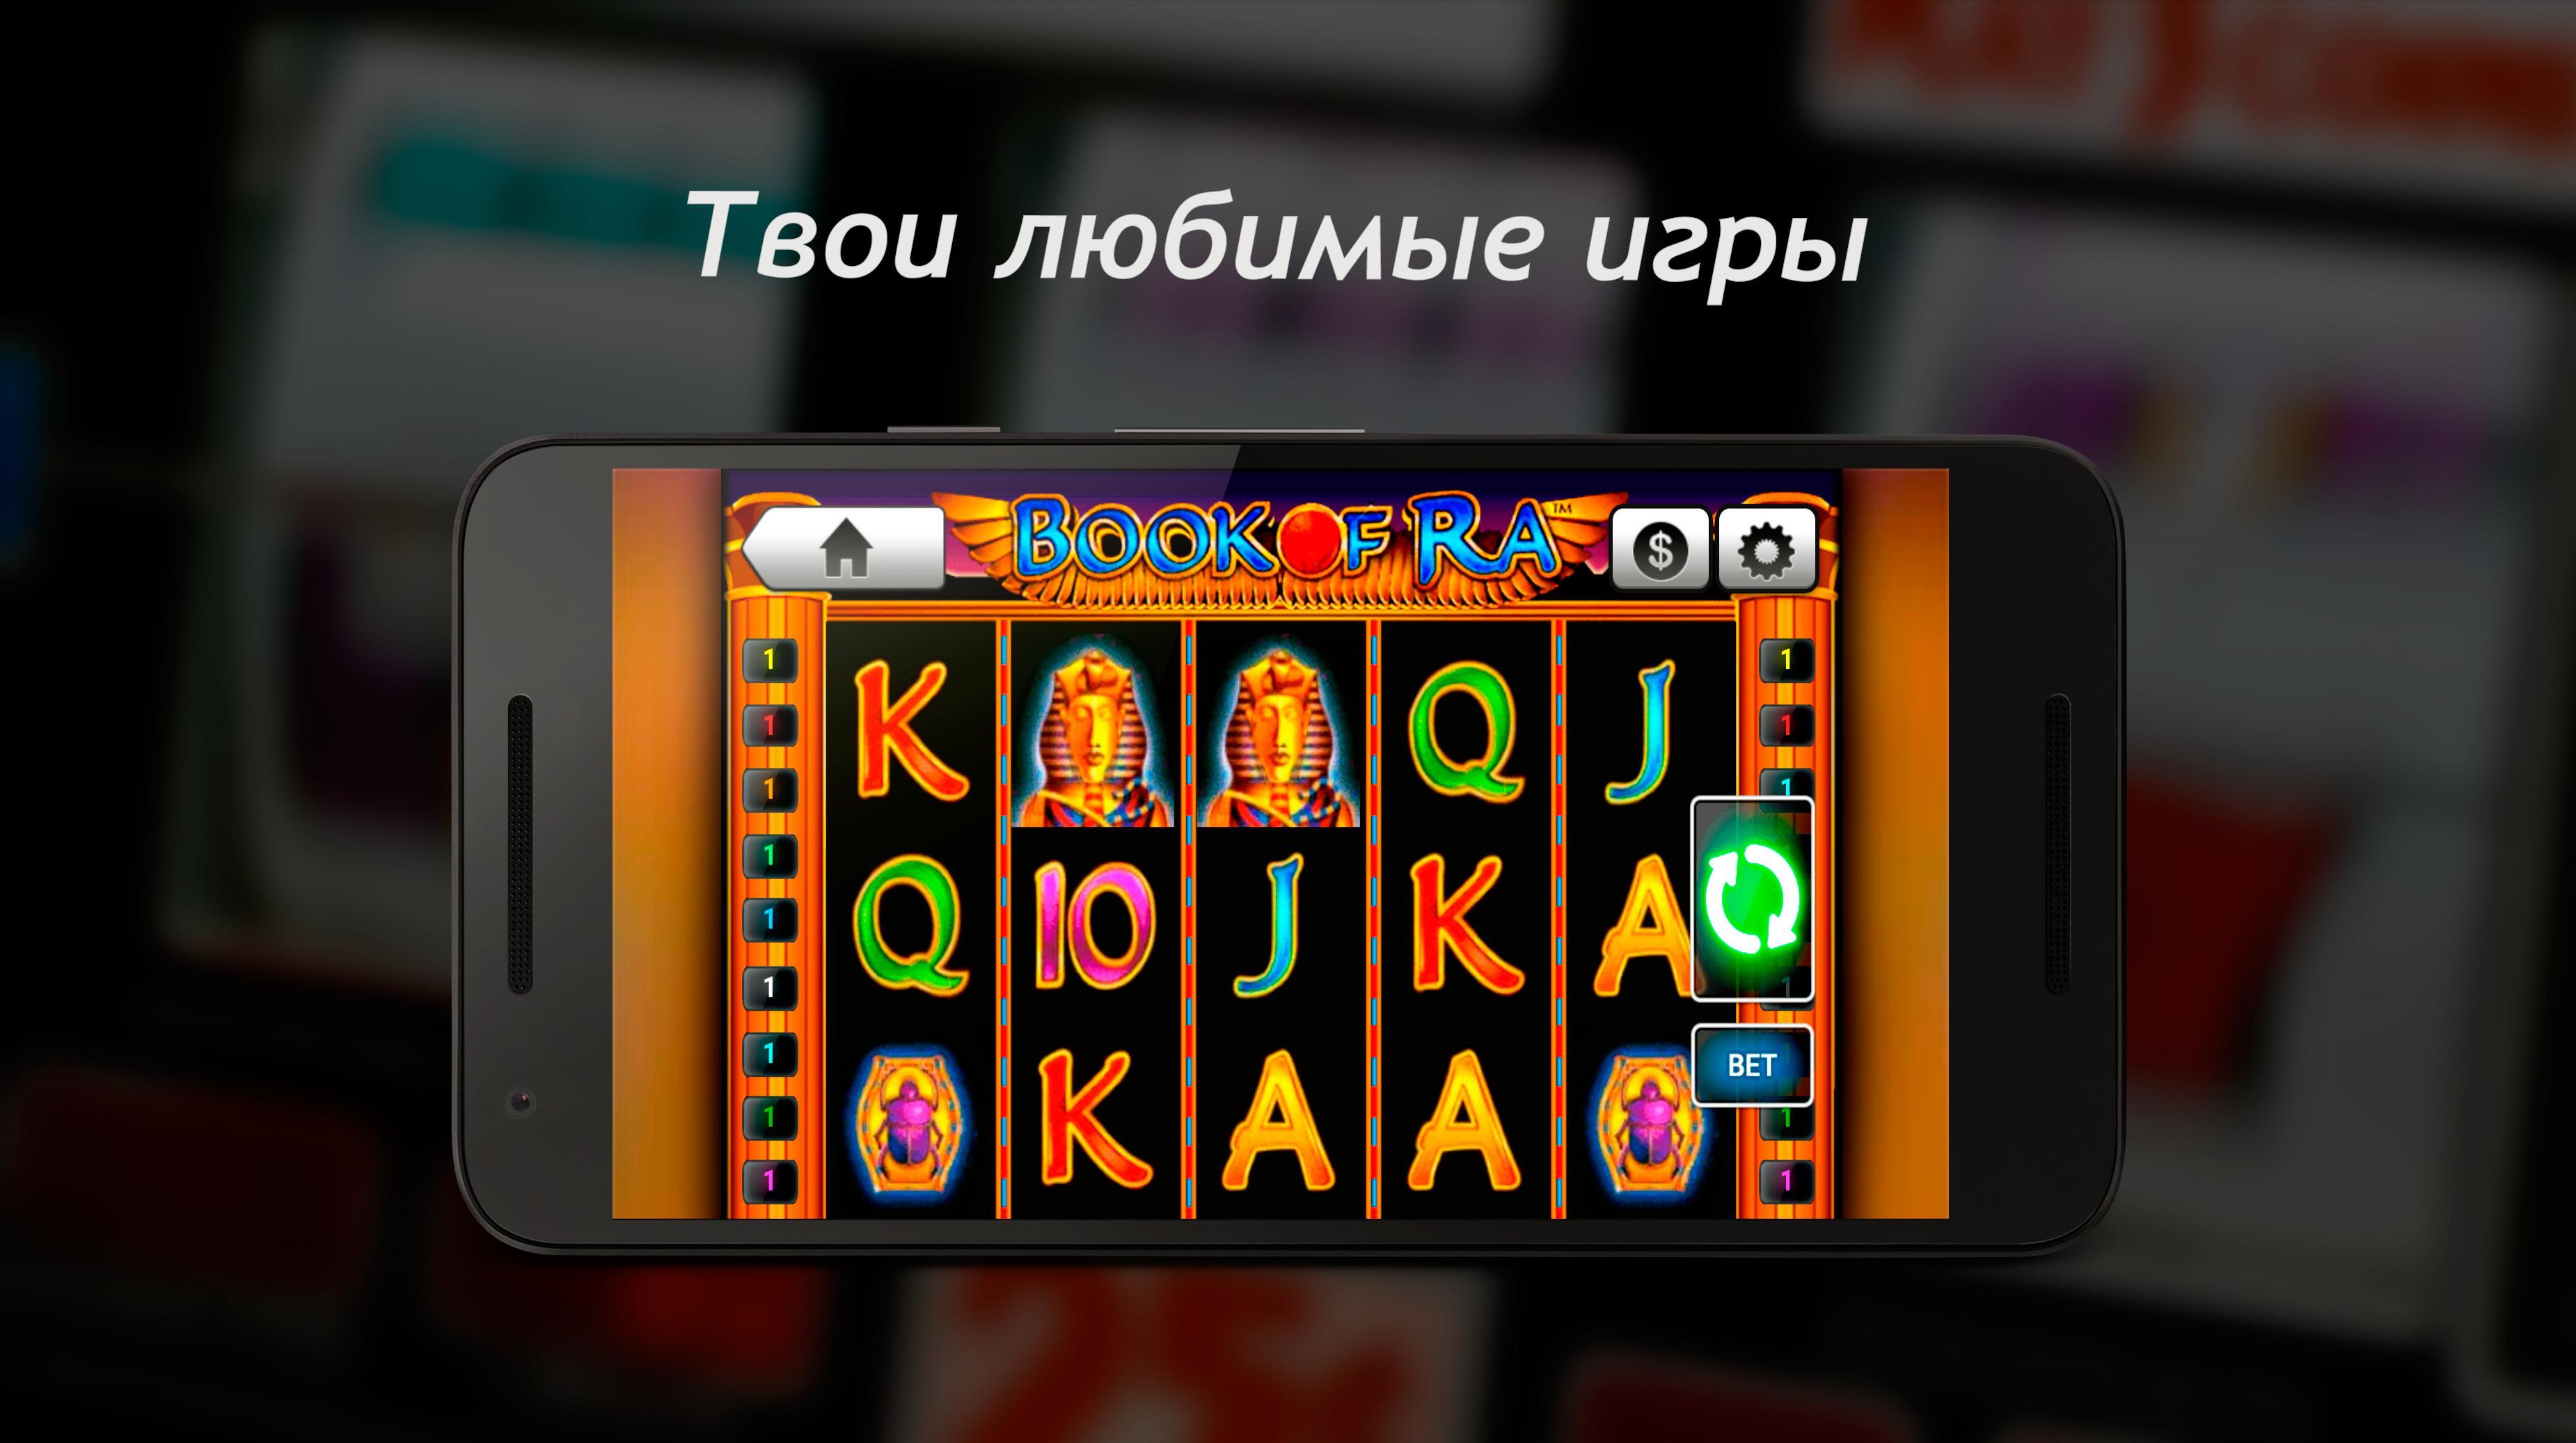 кекс резидент аппараты игровые бесплатно скачать